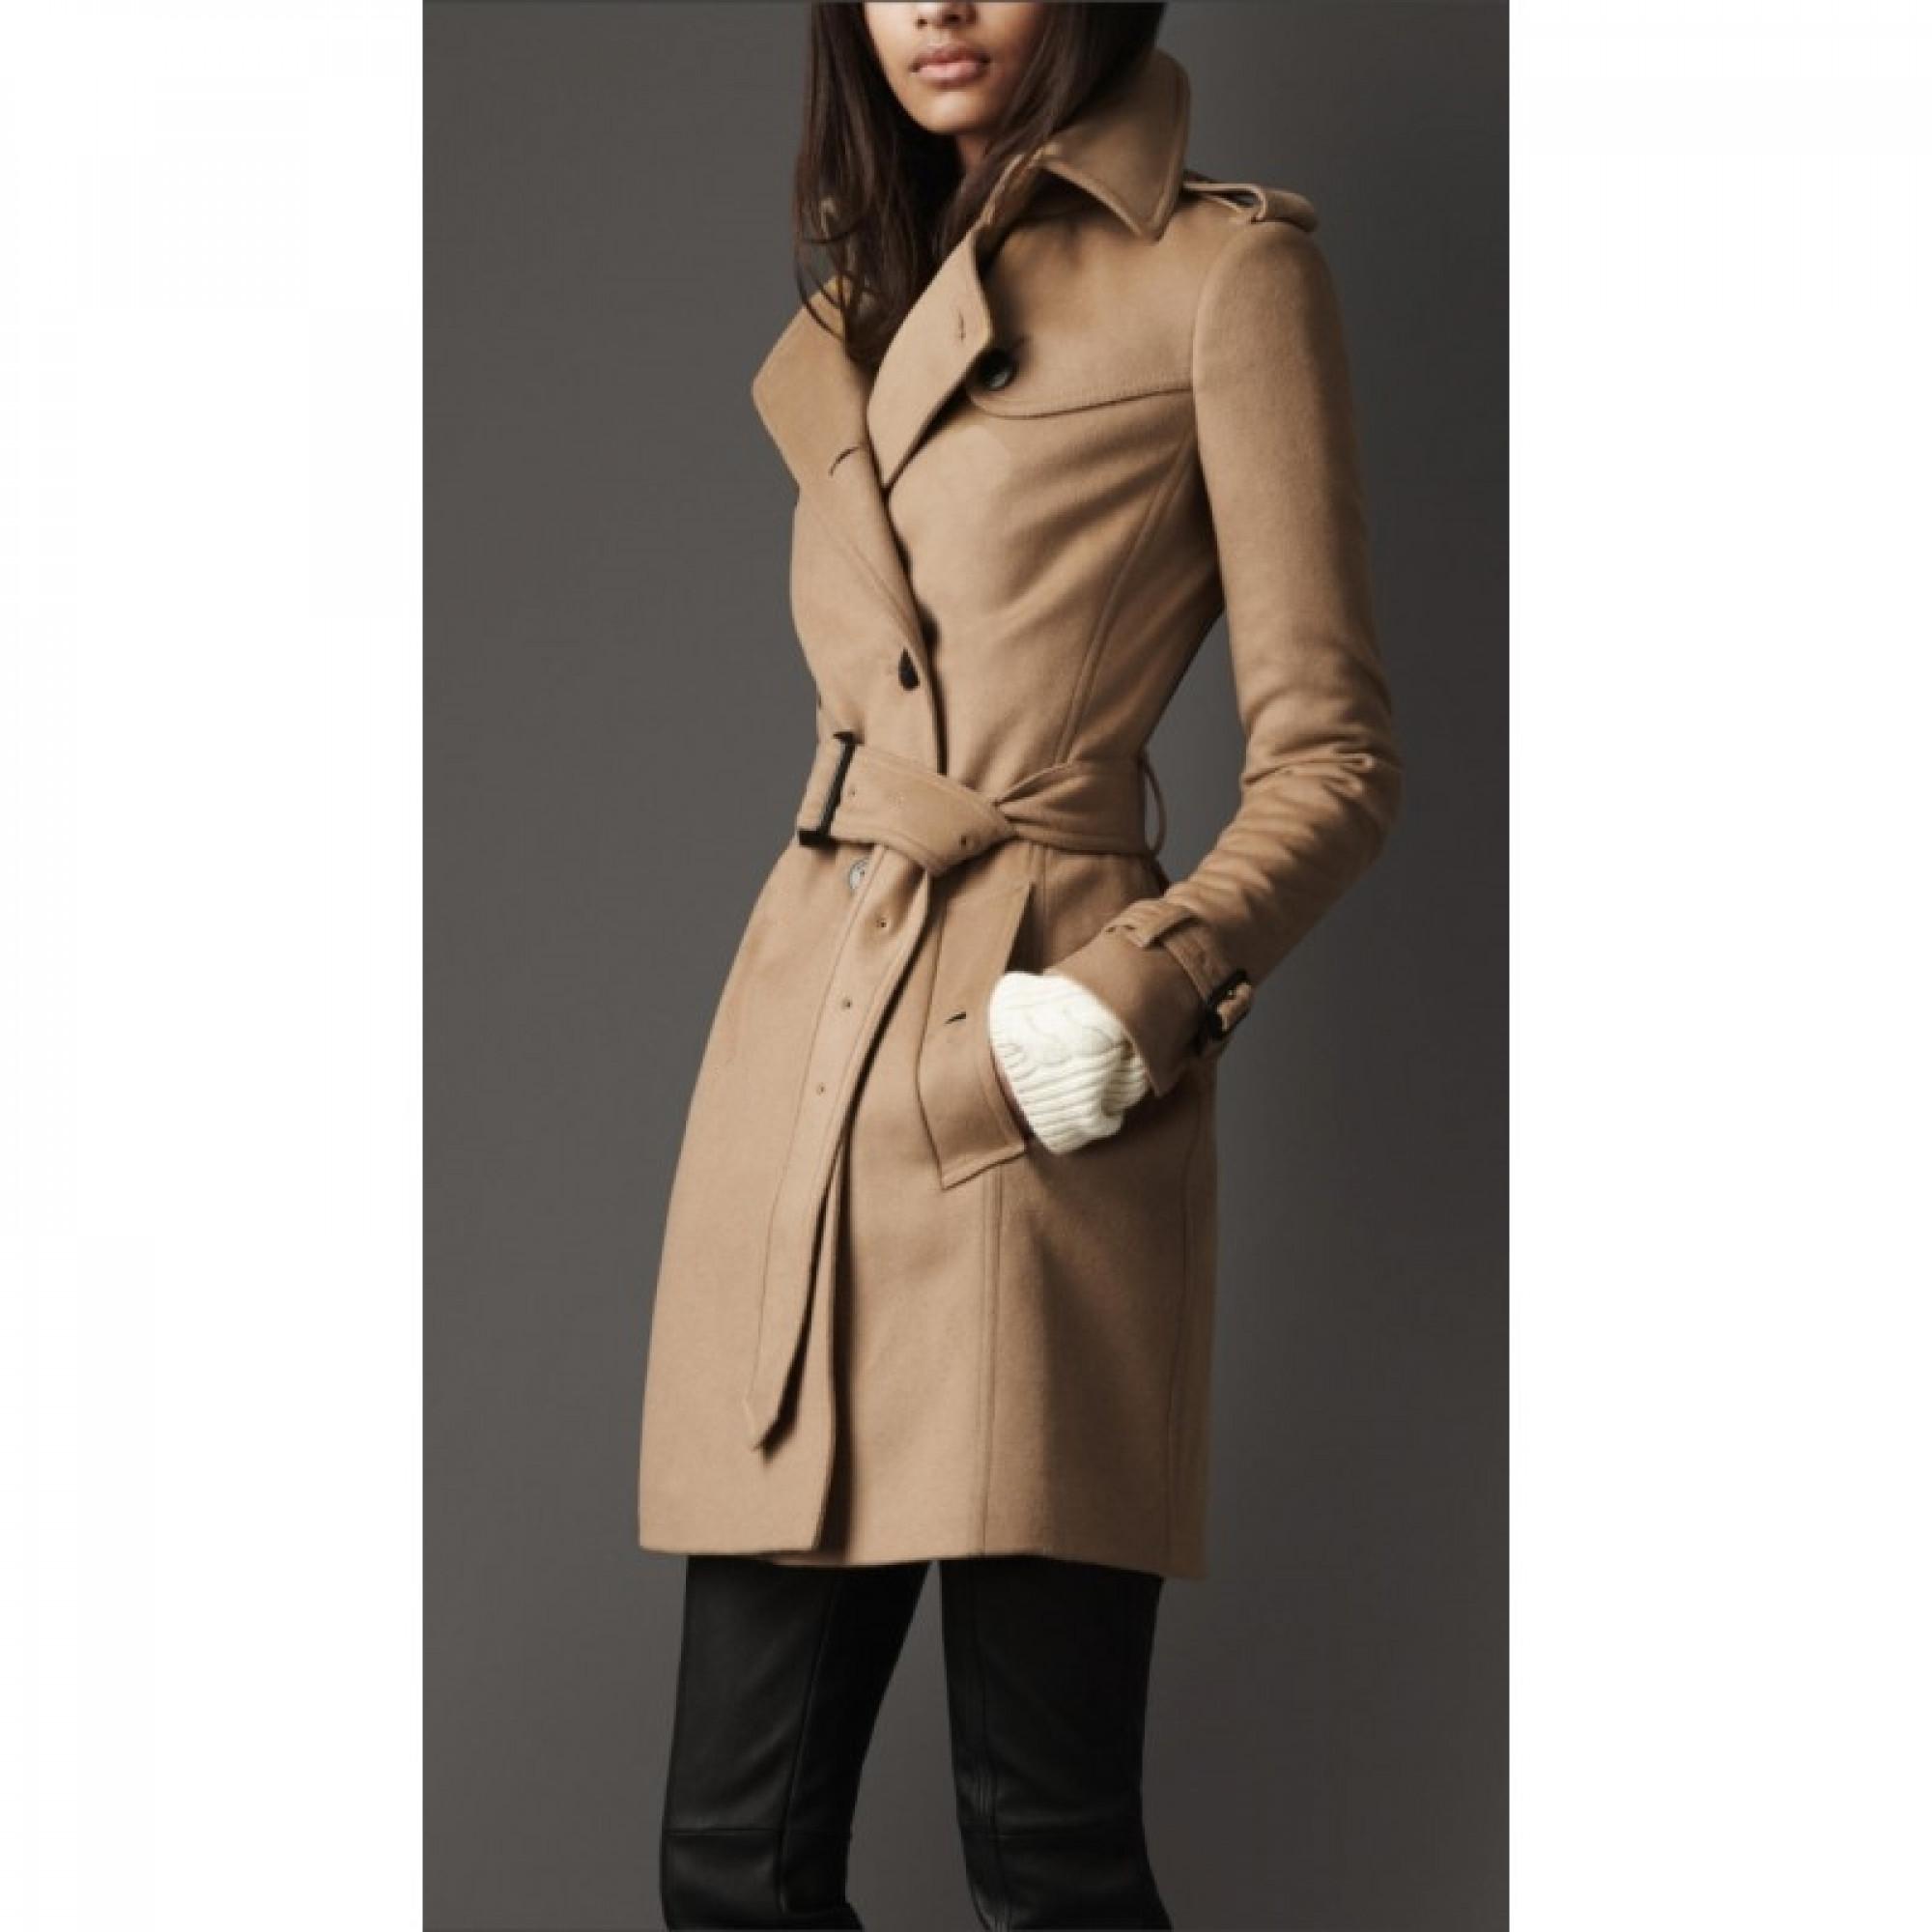 Купить пальто Burberry бежевого цвета — в Киеве 8d57094aced7d